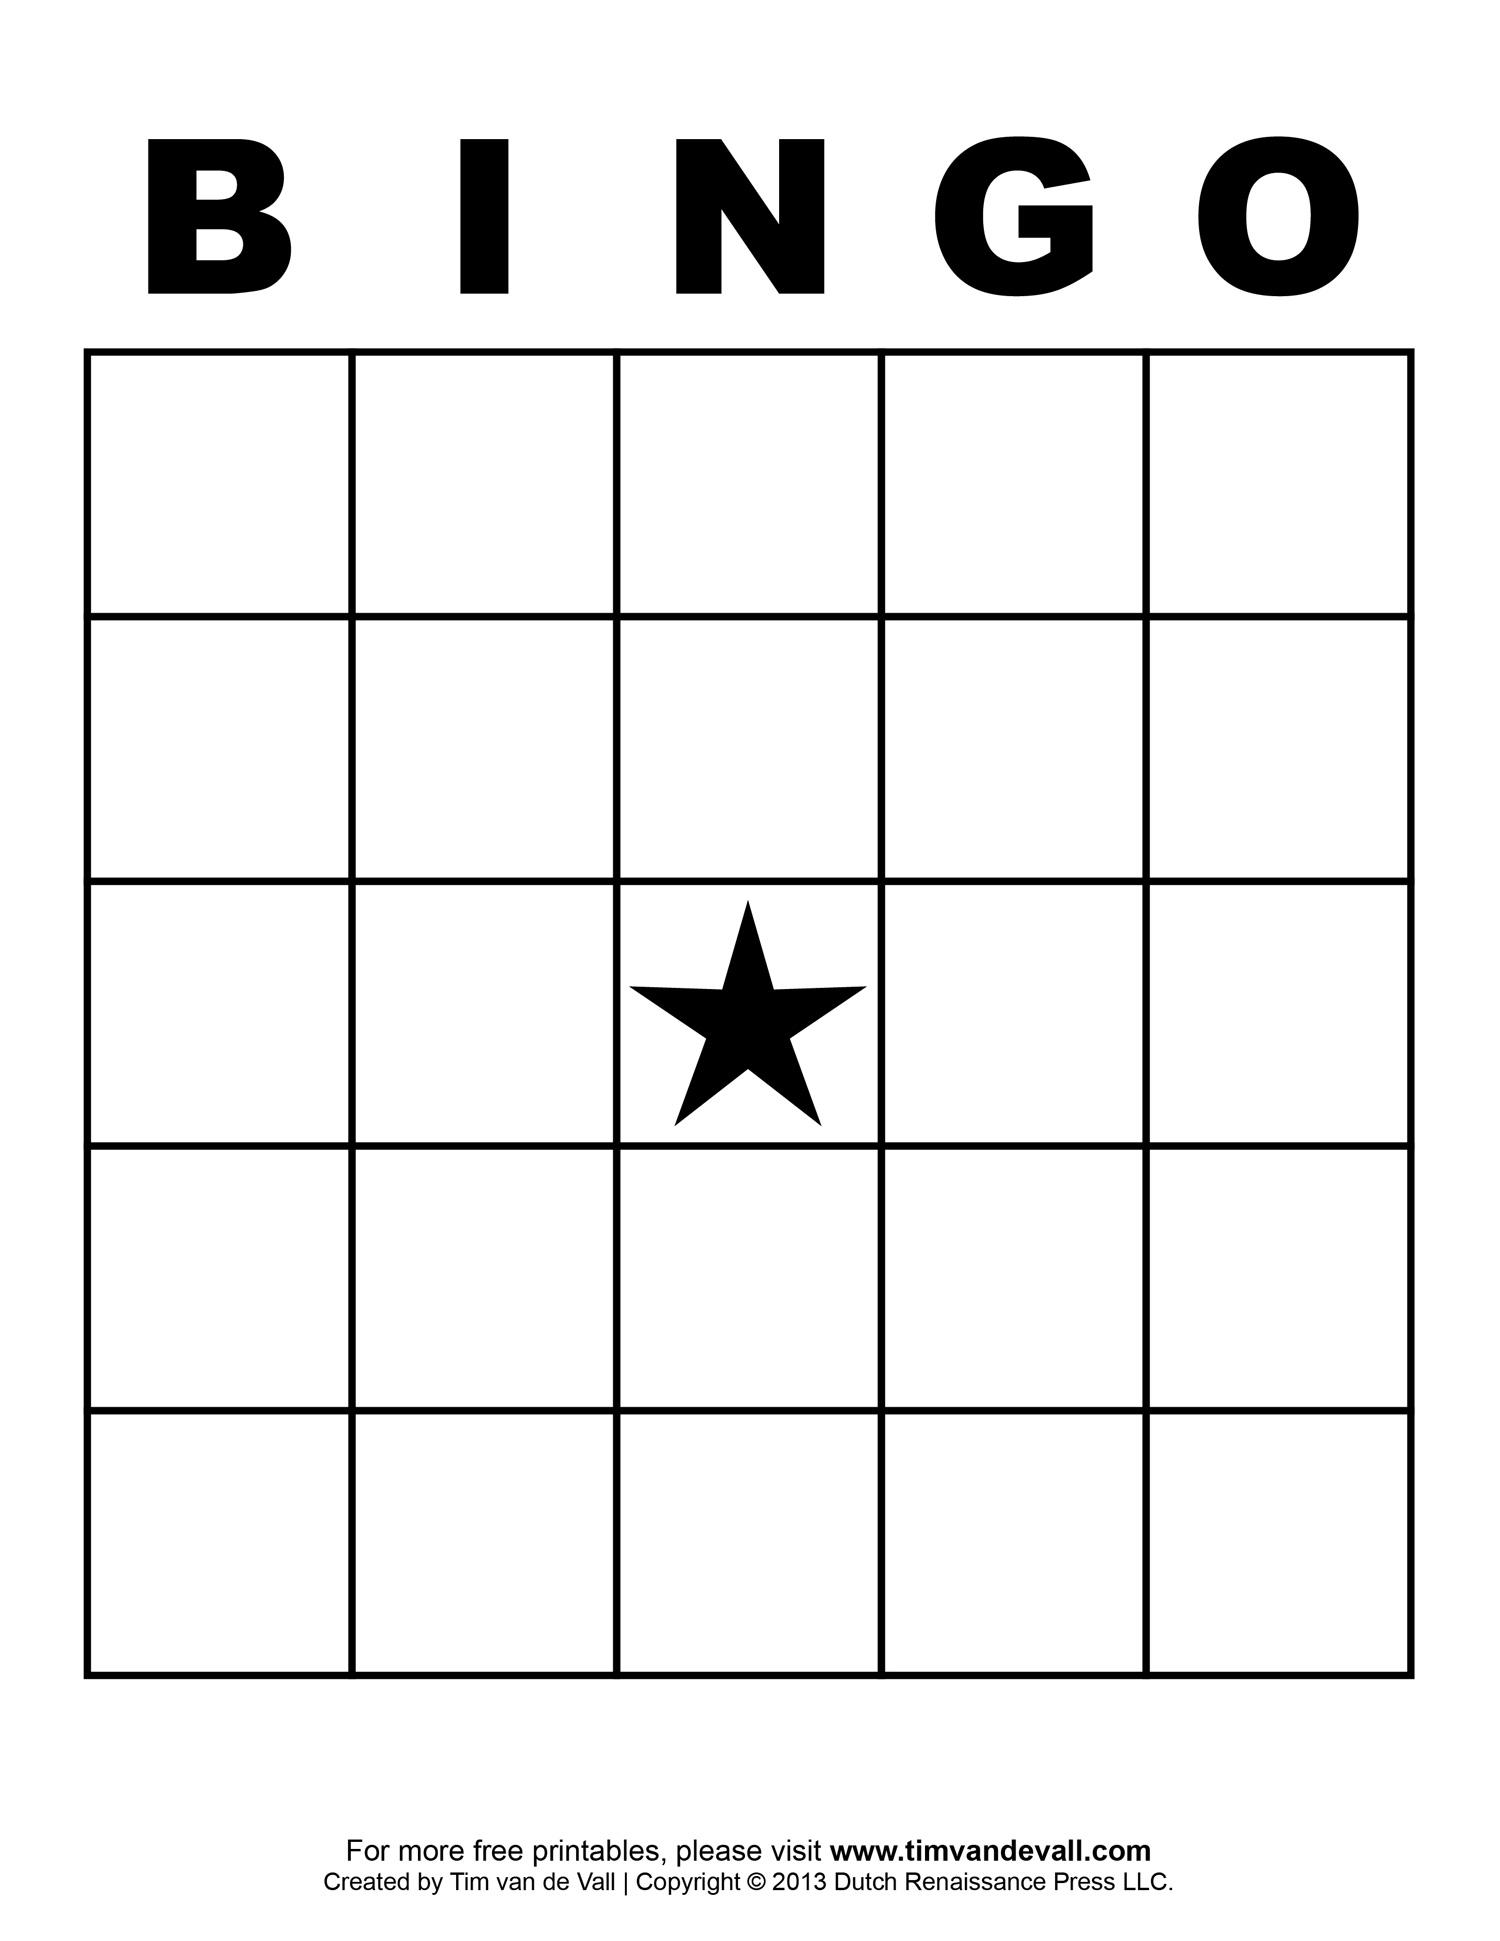 5x5 bingo board